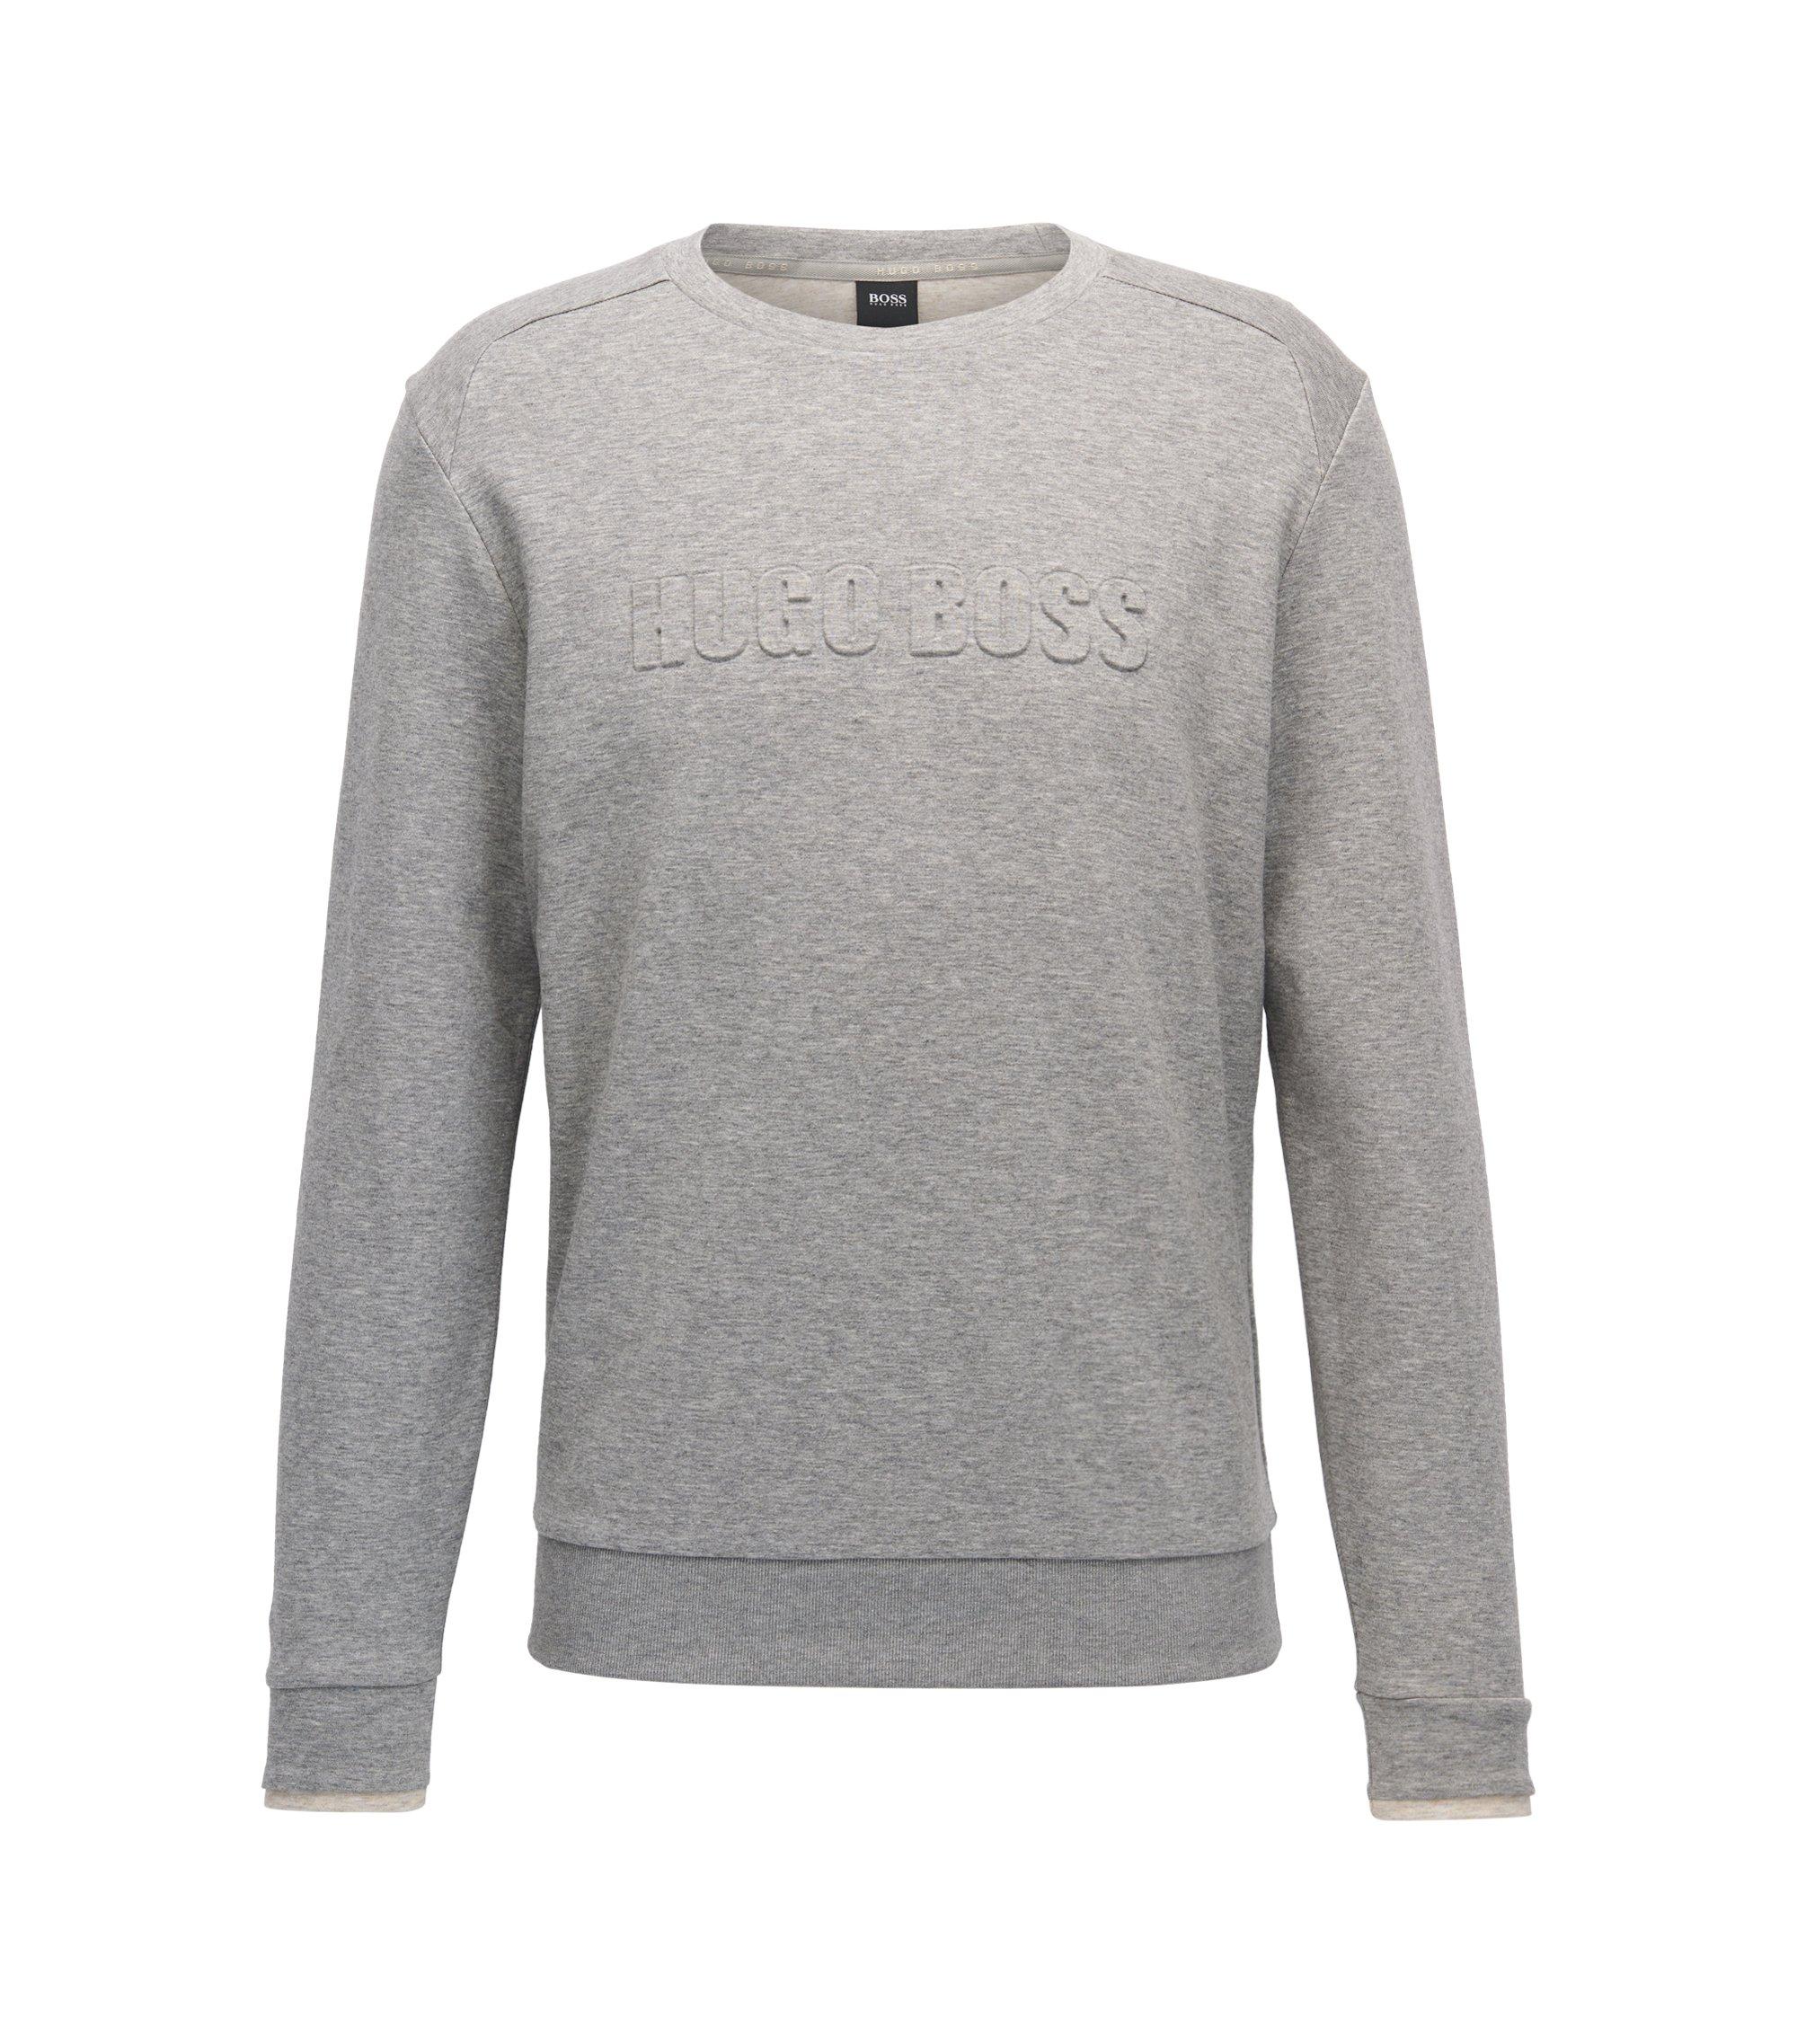 Loungewear-Pullover aus zweiseitigem Baumwoll-Mix, Grau